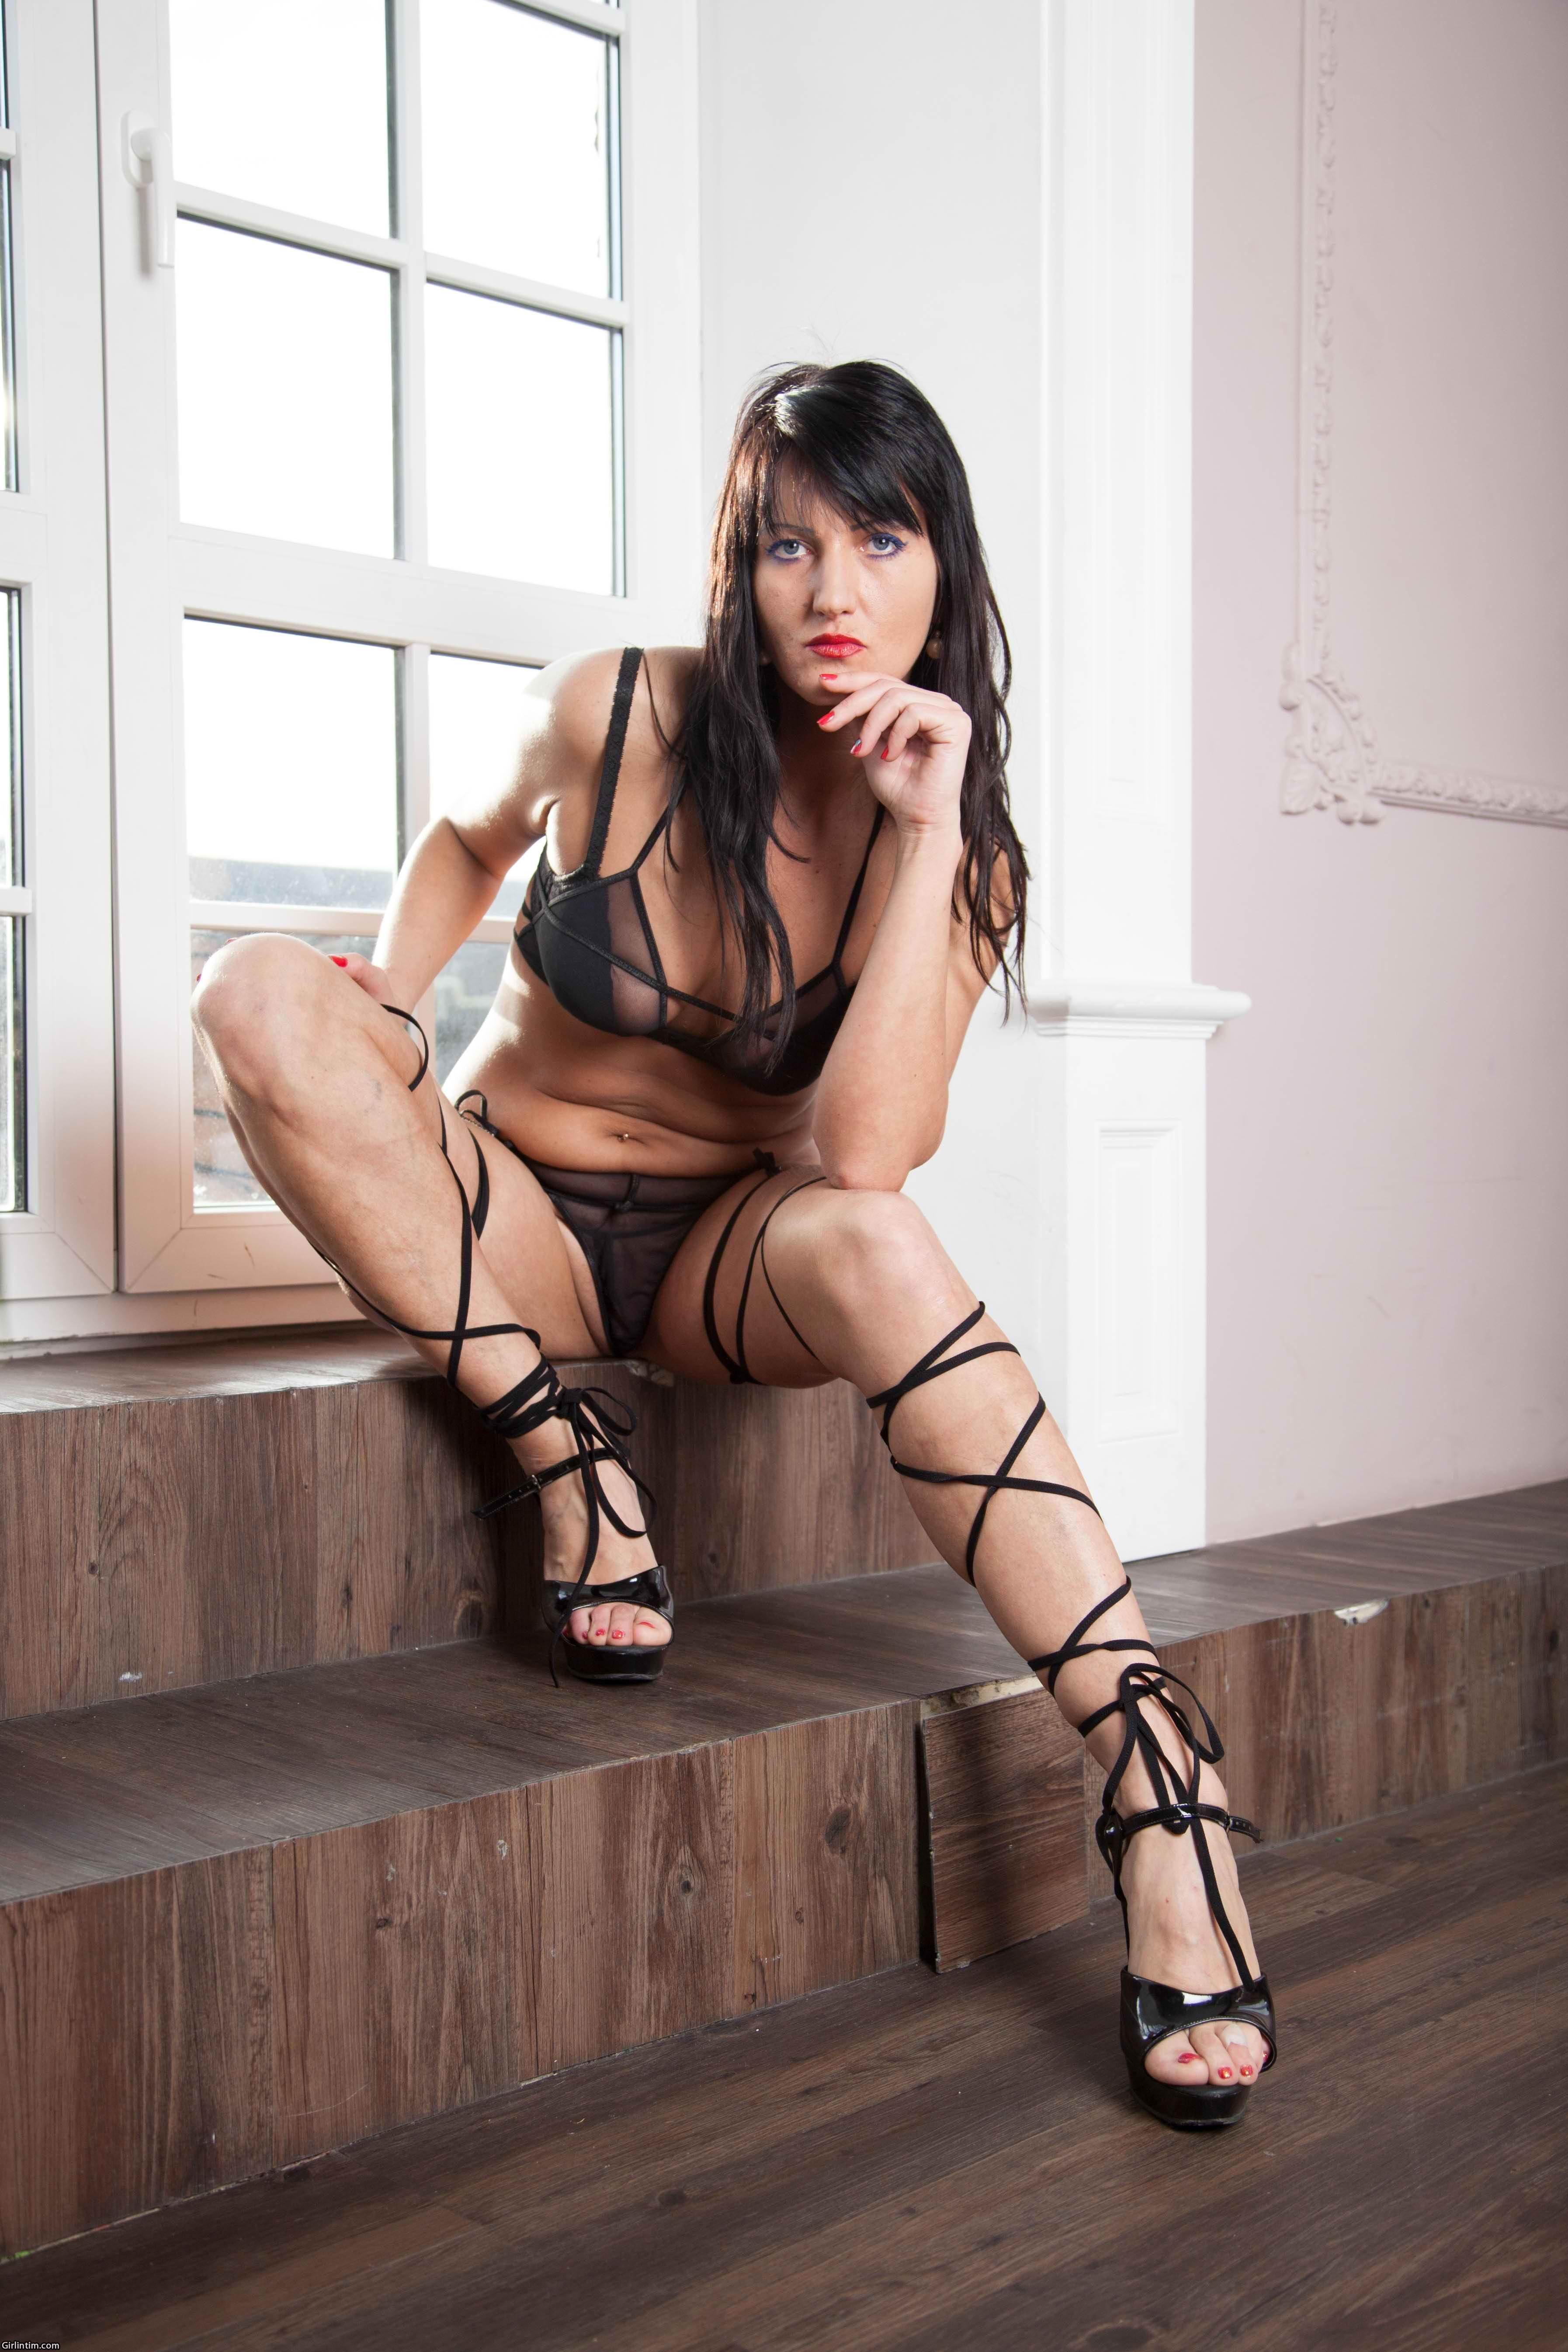 Проститутки москвы с услугой госпожи 5 фотография